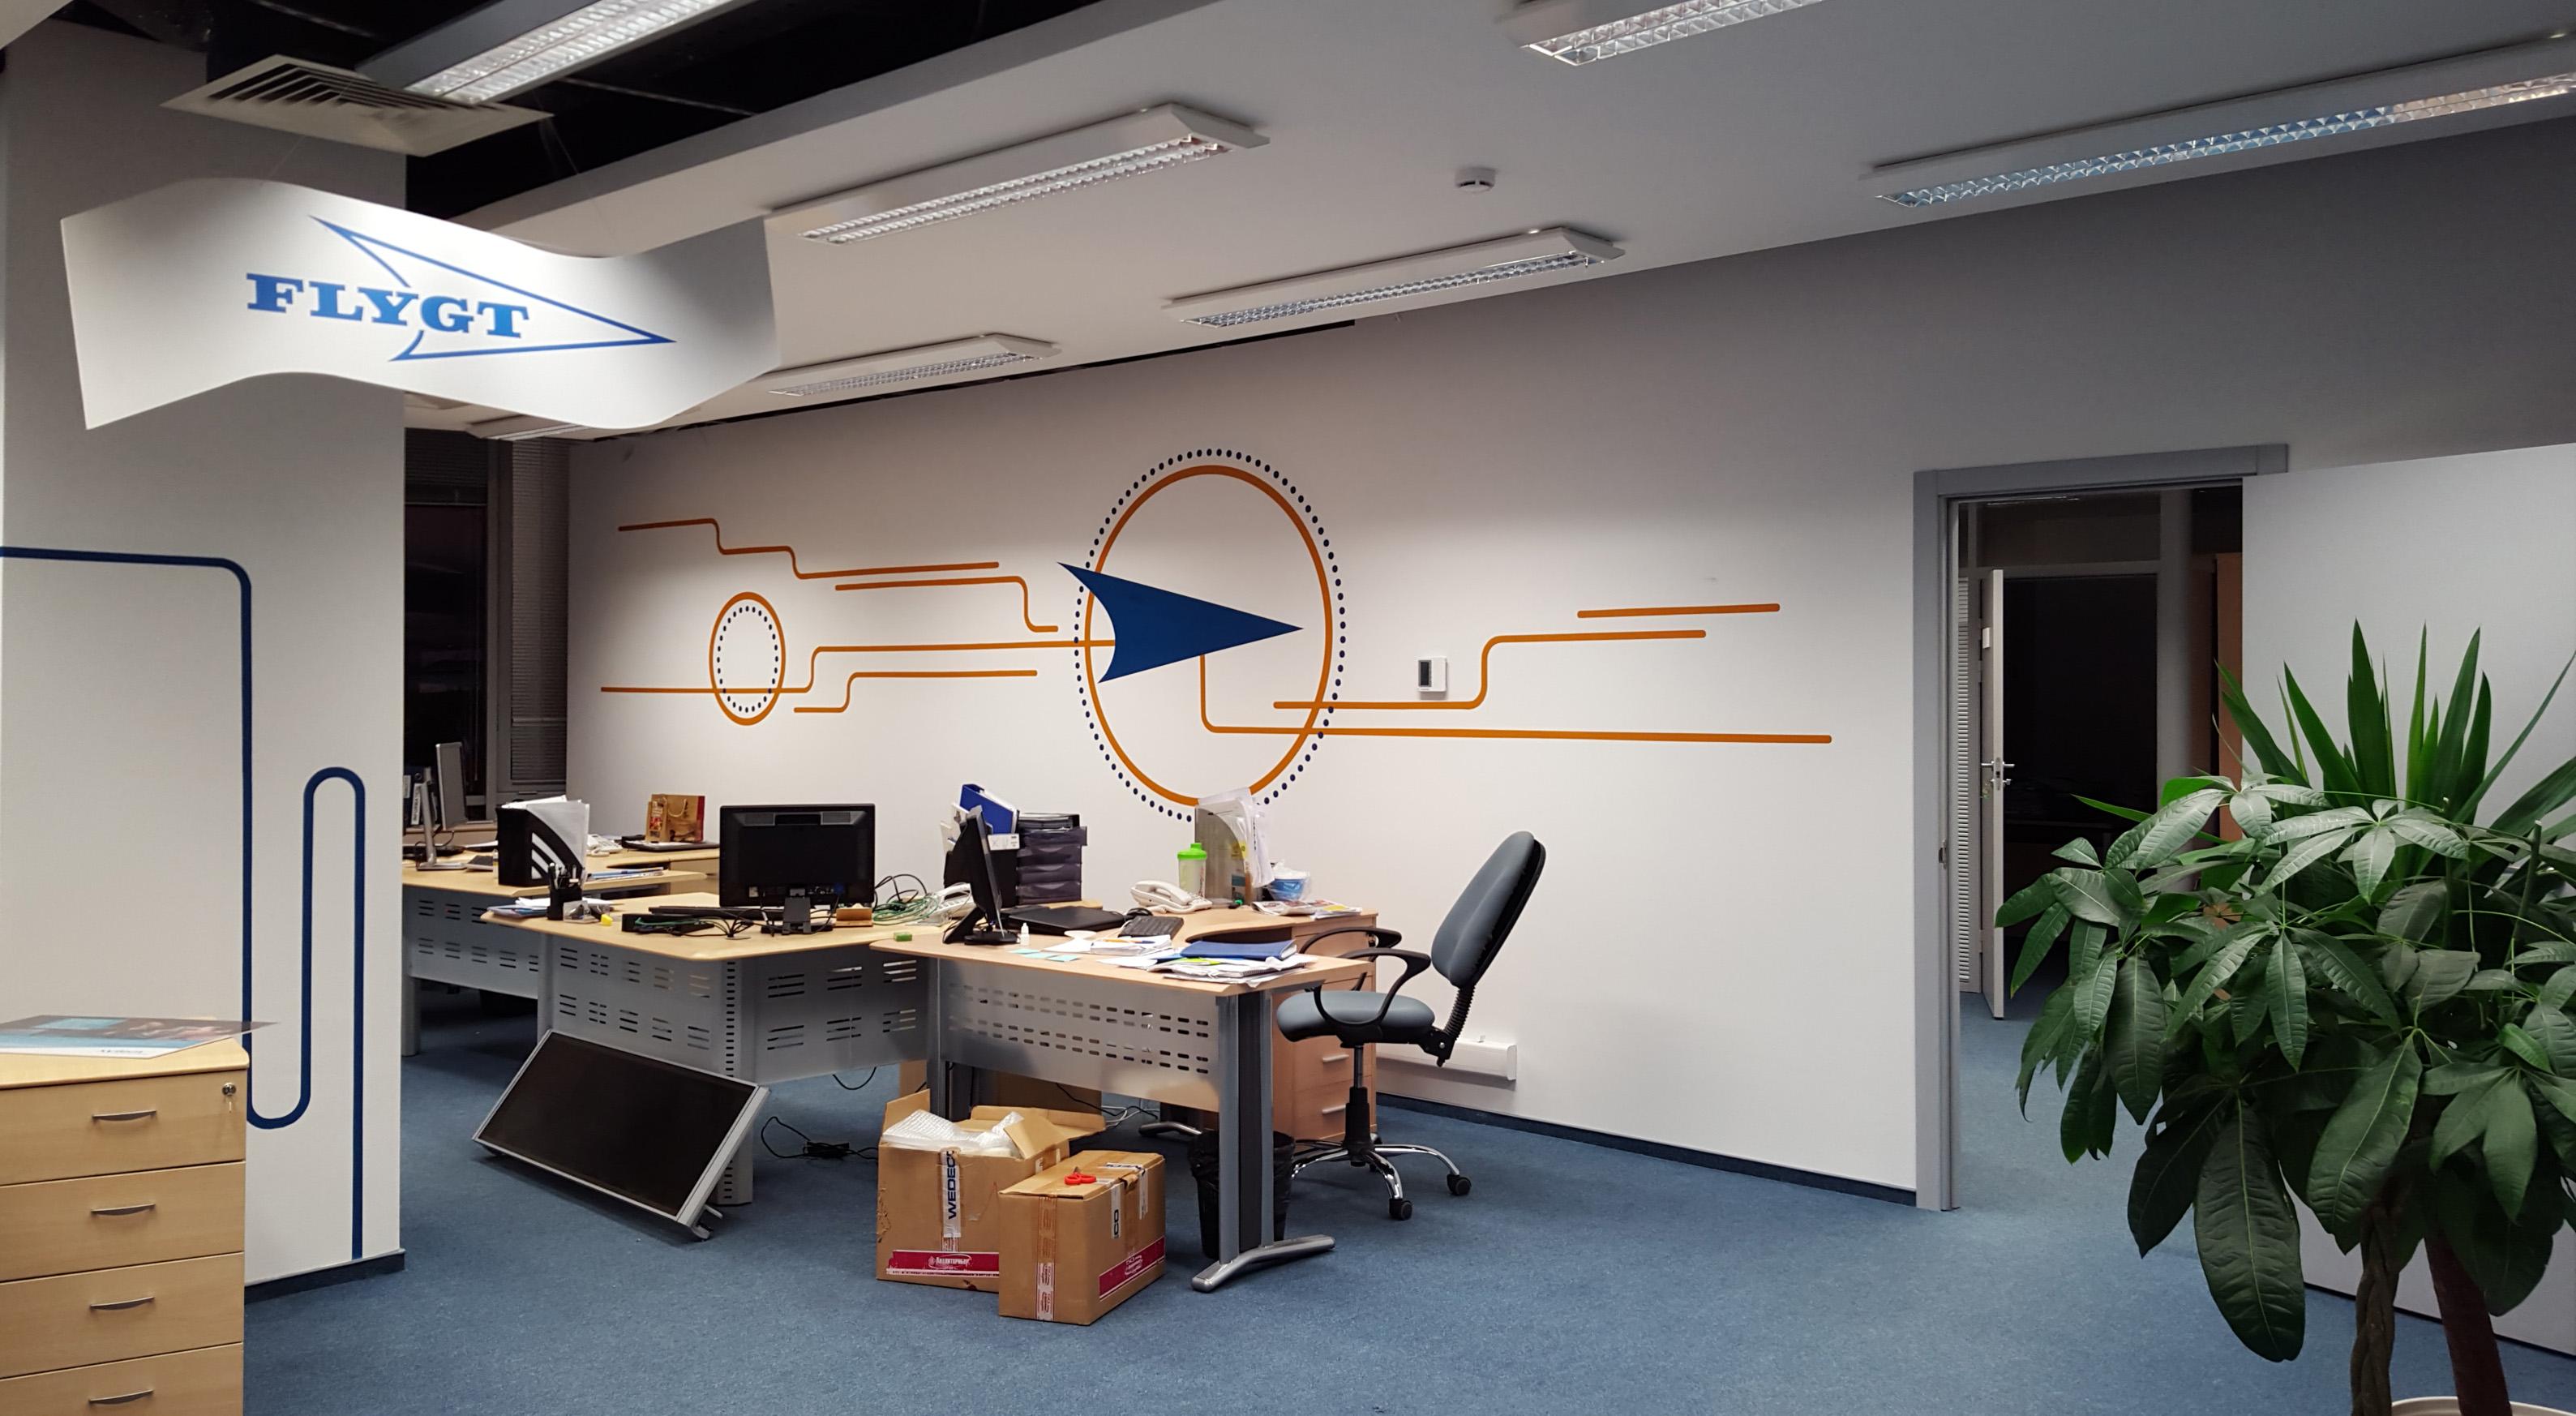 оформление стен офиса, фирменный стиль в оформлении интерьера